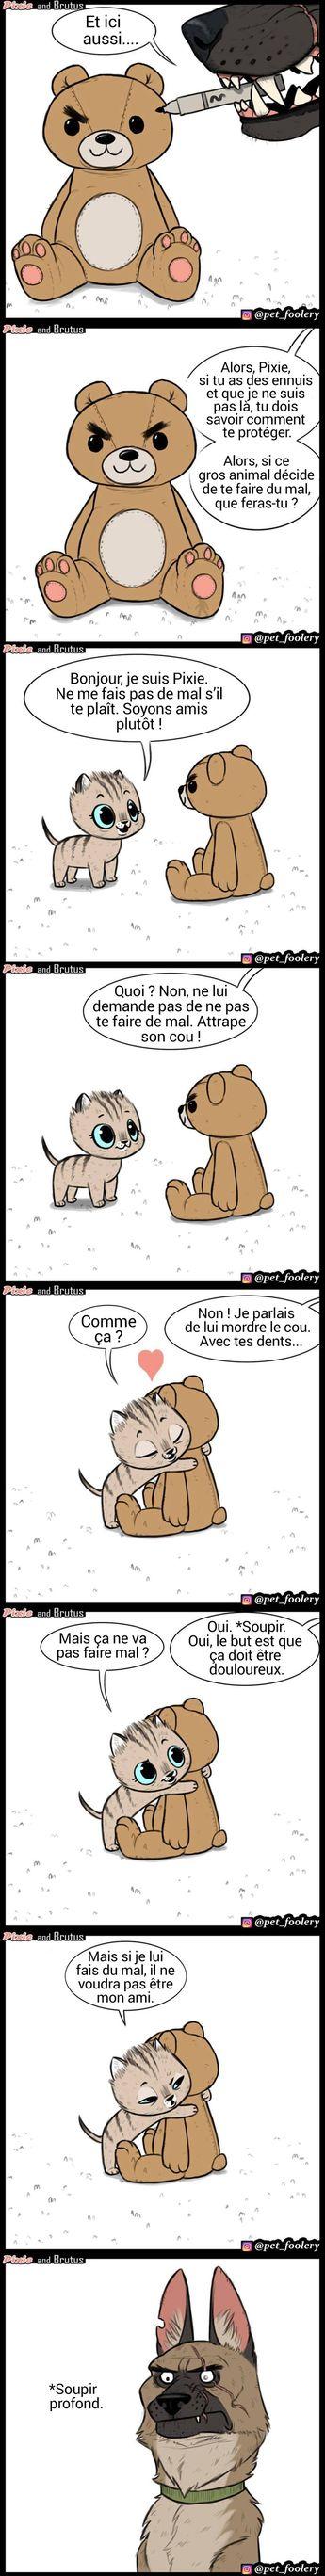 Unartiste dessine des bandes dessinées sur l'amitié d'un chaton adorable etd'un chien qui nelaisseront personne indifférent